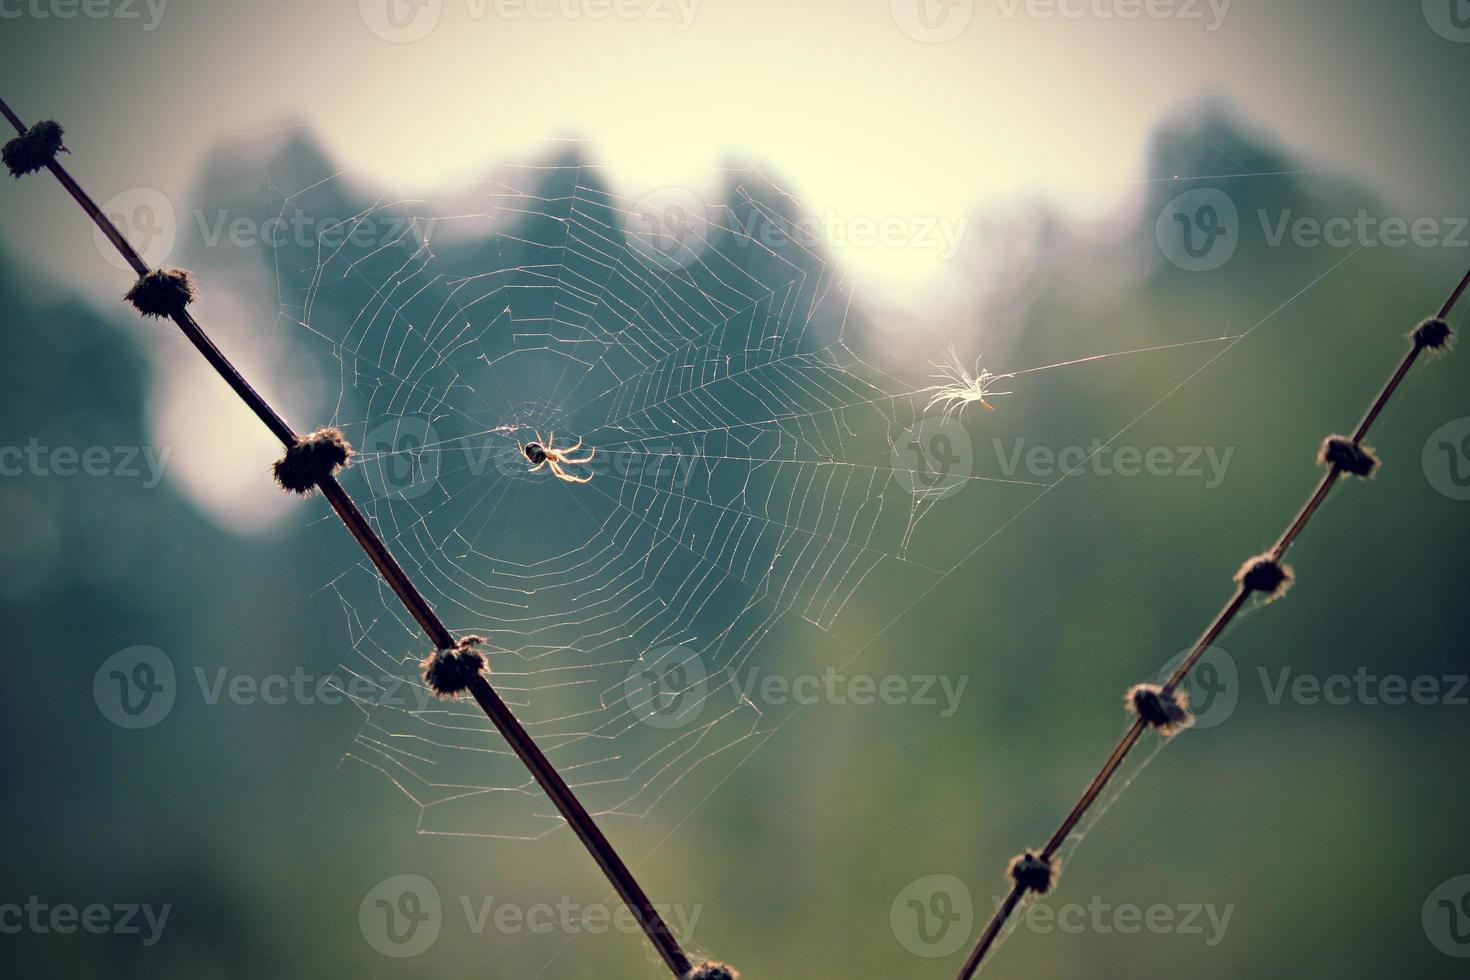 Spinne im Licht foto